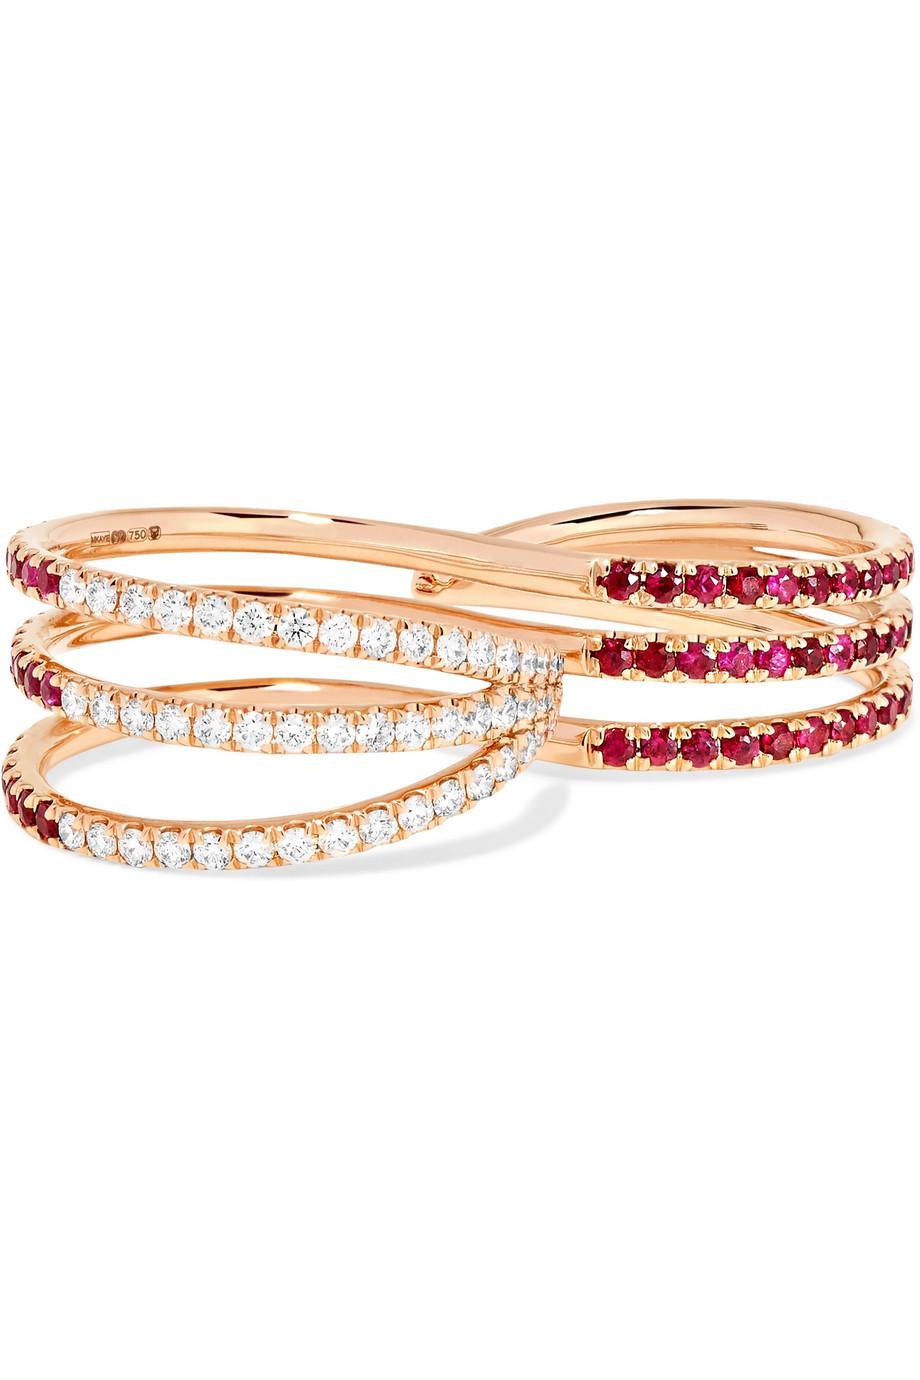 Melissa Kaye 18-karat Gold Diamond Two-finger Ring Ftuh2